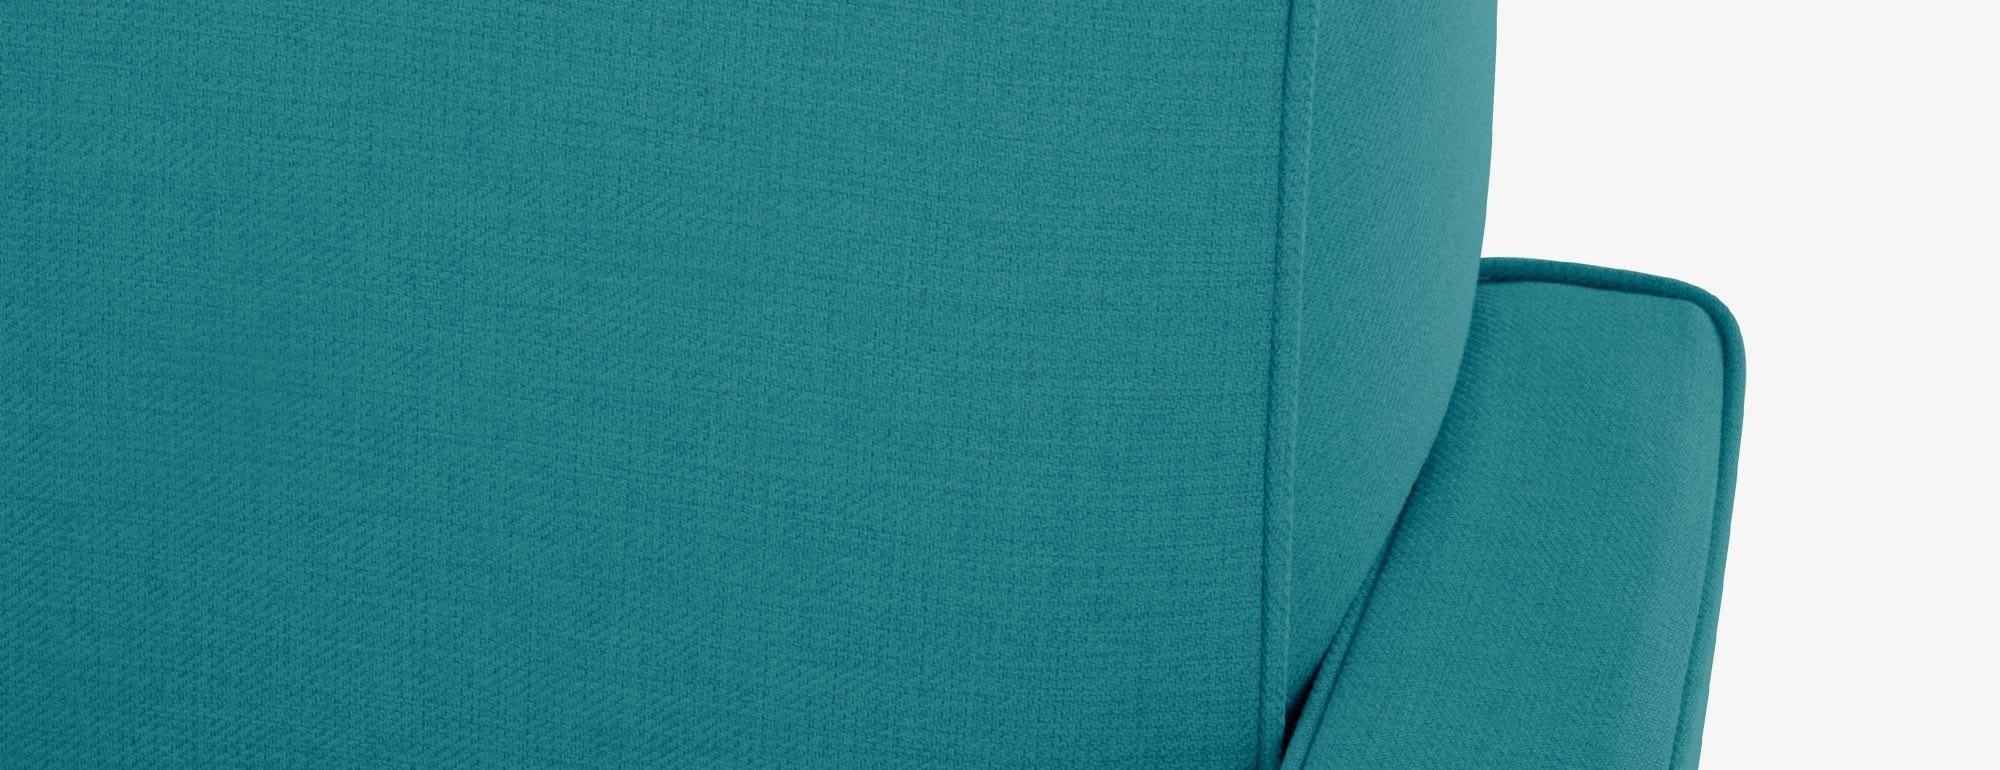 shown in Taylor Capri Fabric